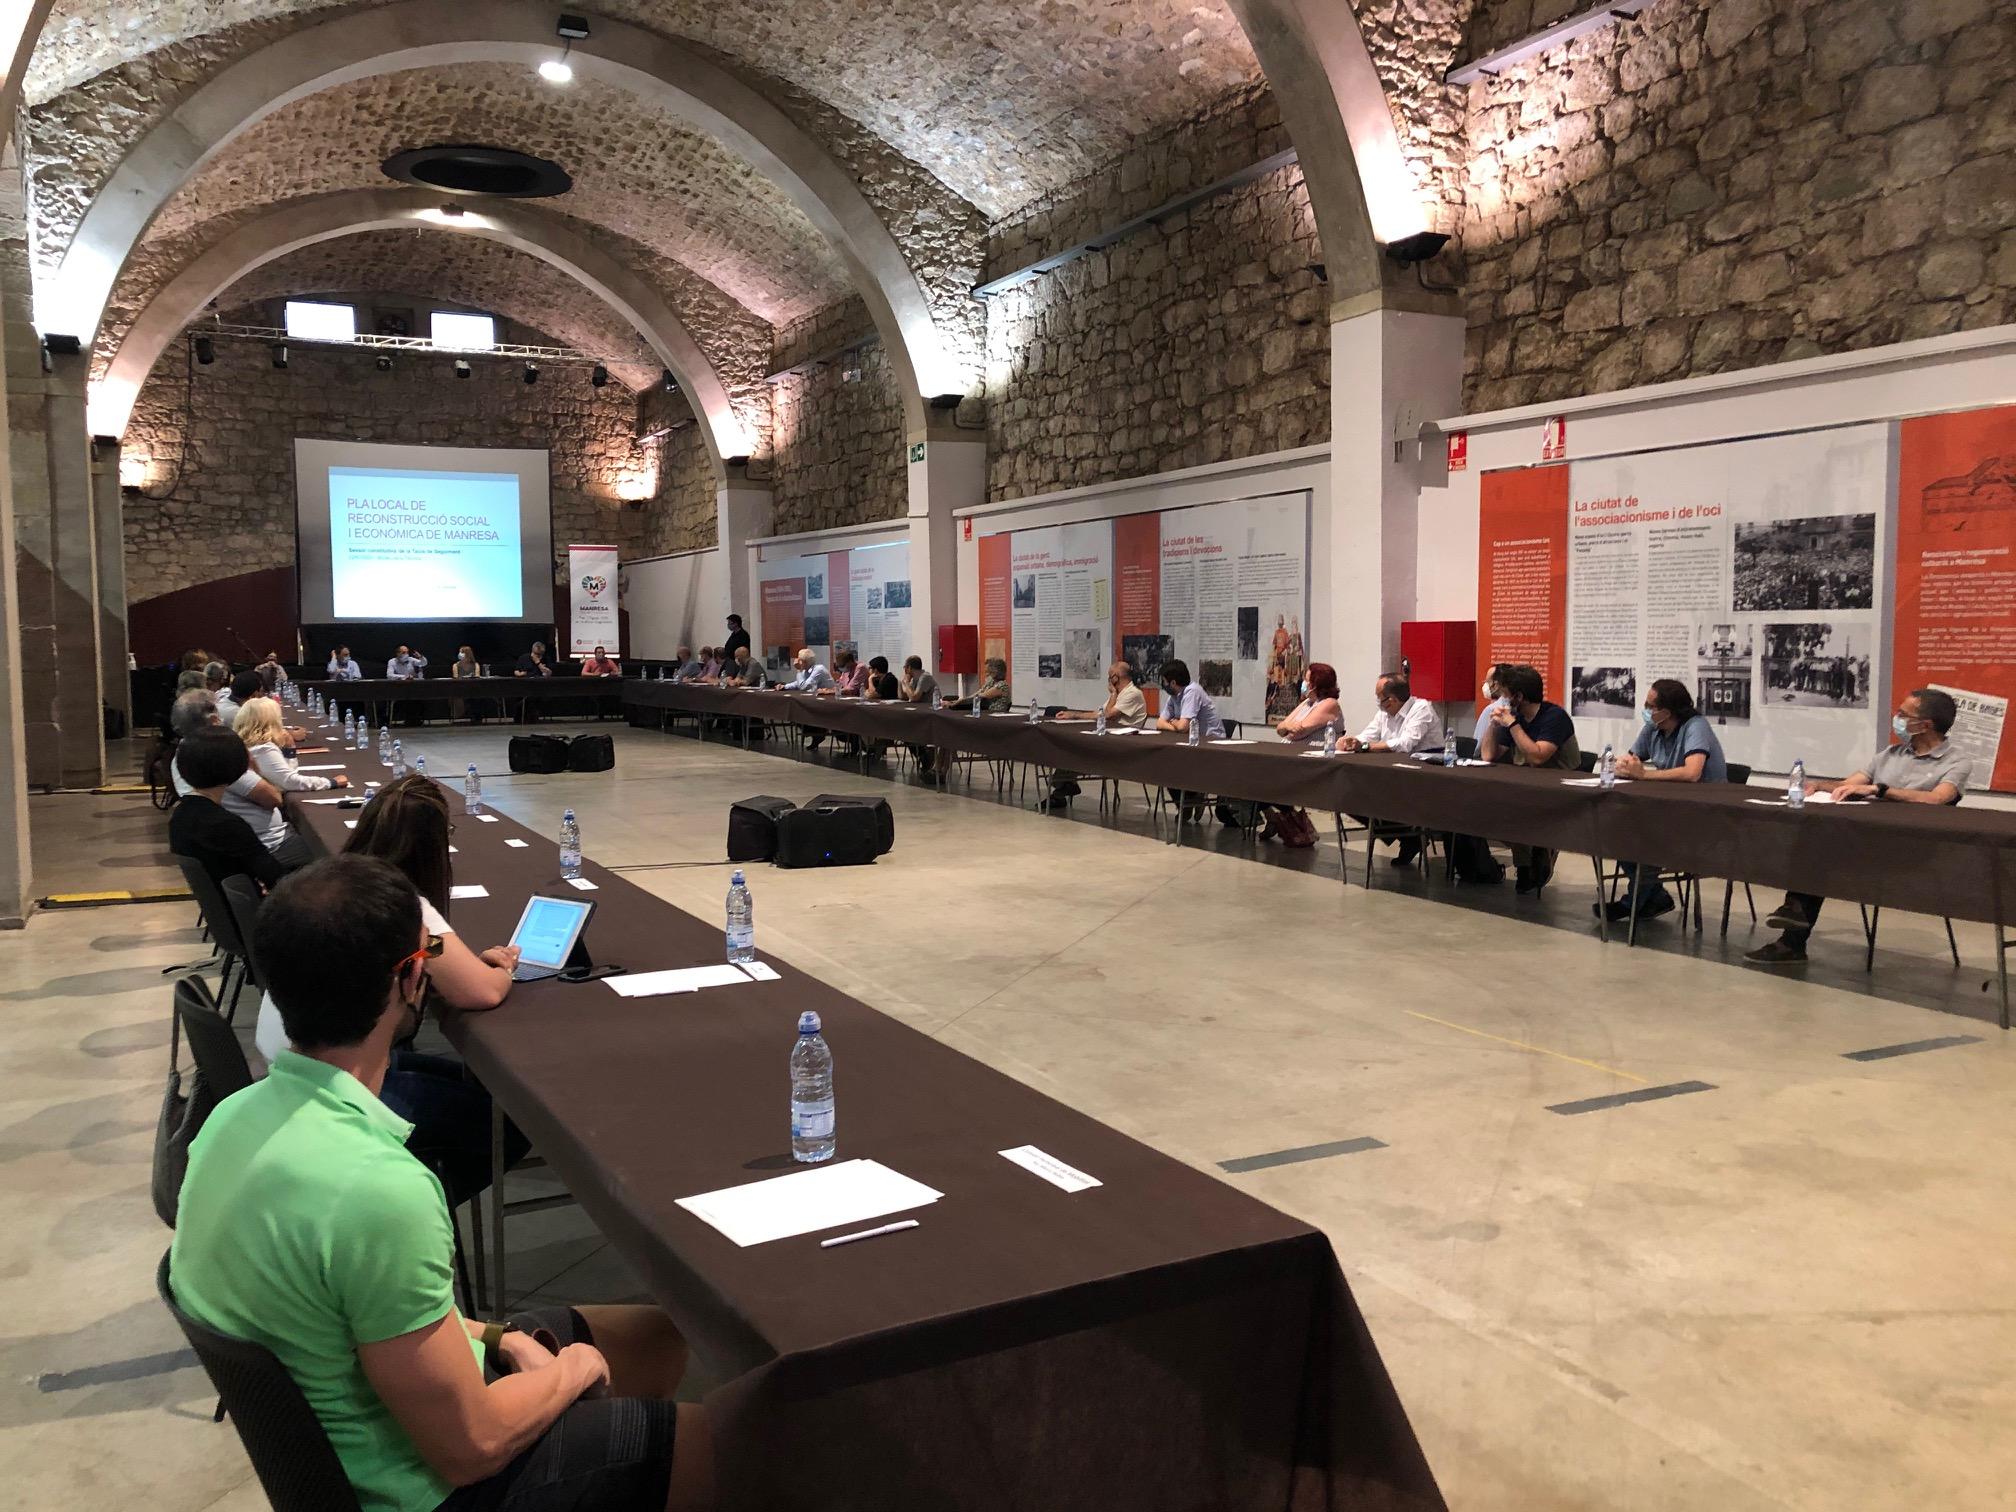 Constituïda la Taula de Seguiment del Pla Local de Reconstrucció Social i Econòmica, amb la participació de més de 50 representants del teixit socioeconòmic de Manresa